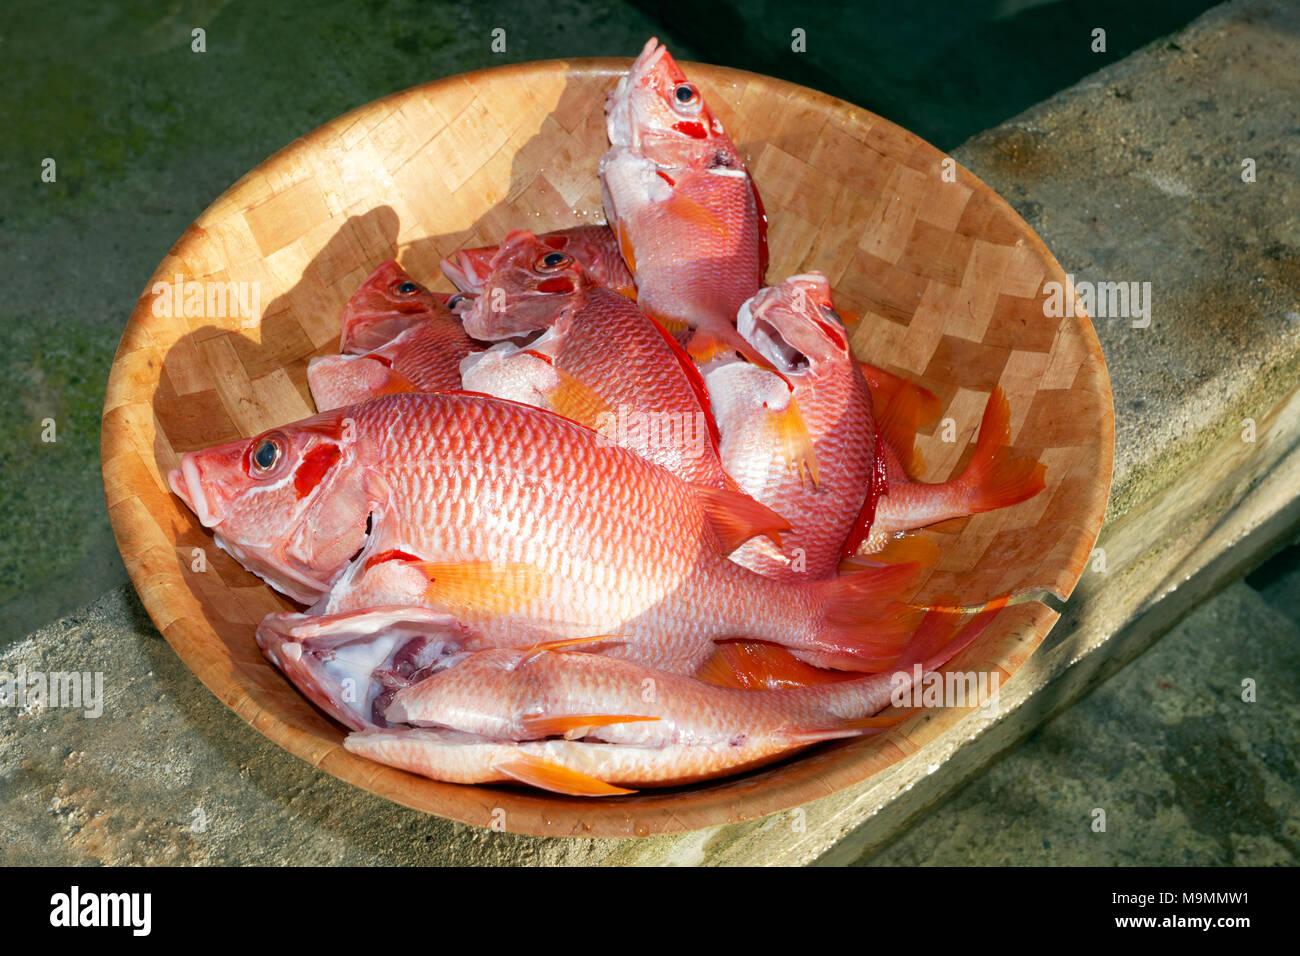 Red Speisefisch in eine Schüssel, Sabre Fischliste Haie bis Husaren (Sargocentron spiniferum), Tikehau Atoll, Tuamotu-archipel, Gesellschaft Inseln Stockbild